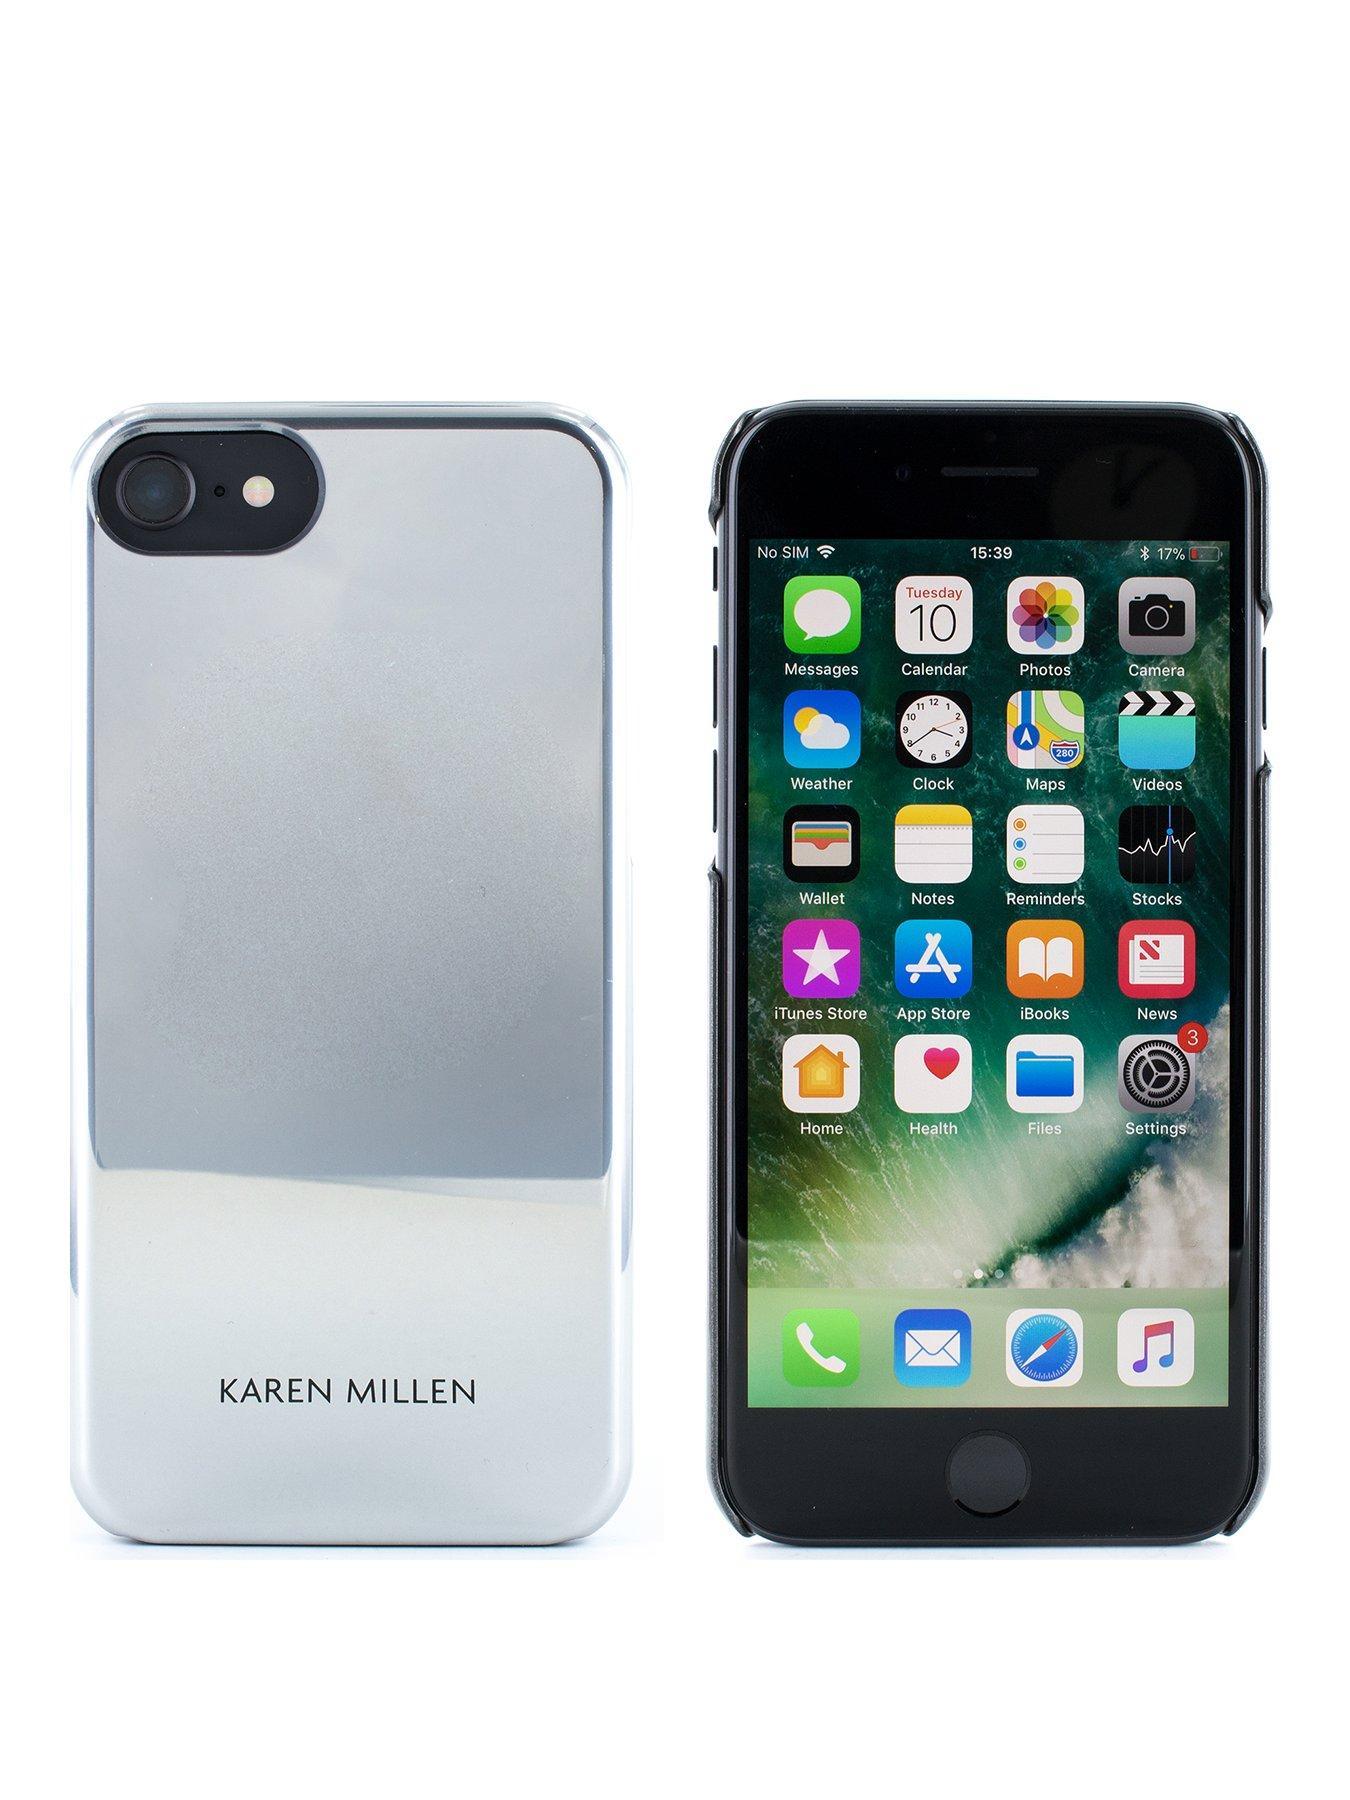 karen millen iphone 6 case